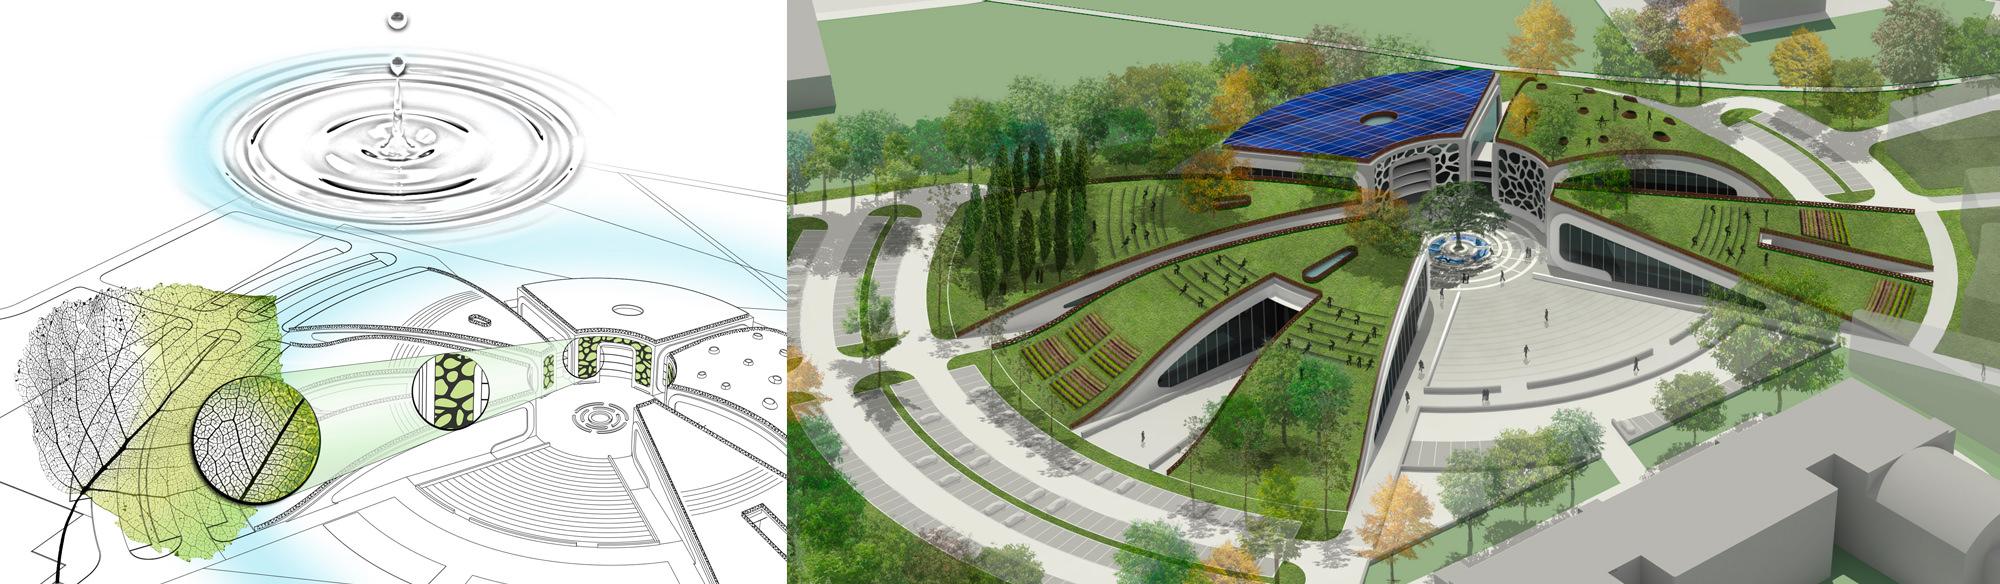 Efficienza energetica e architettura sostenibile per la scuola del futuro